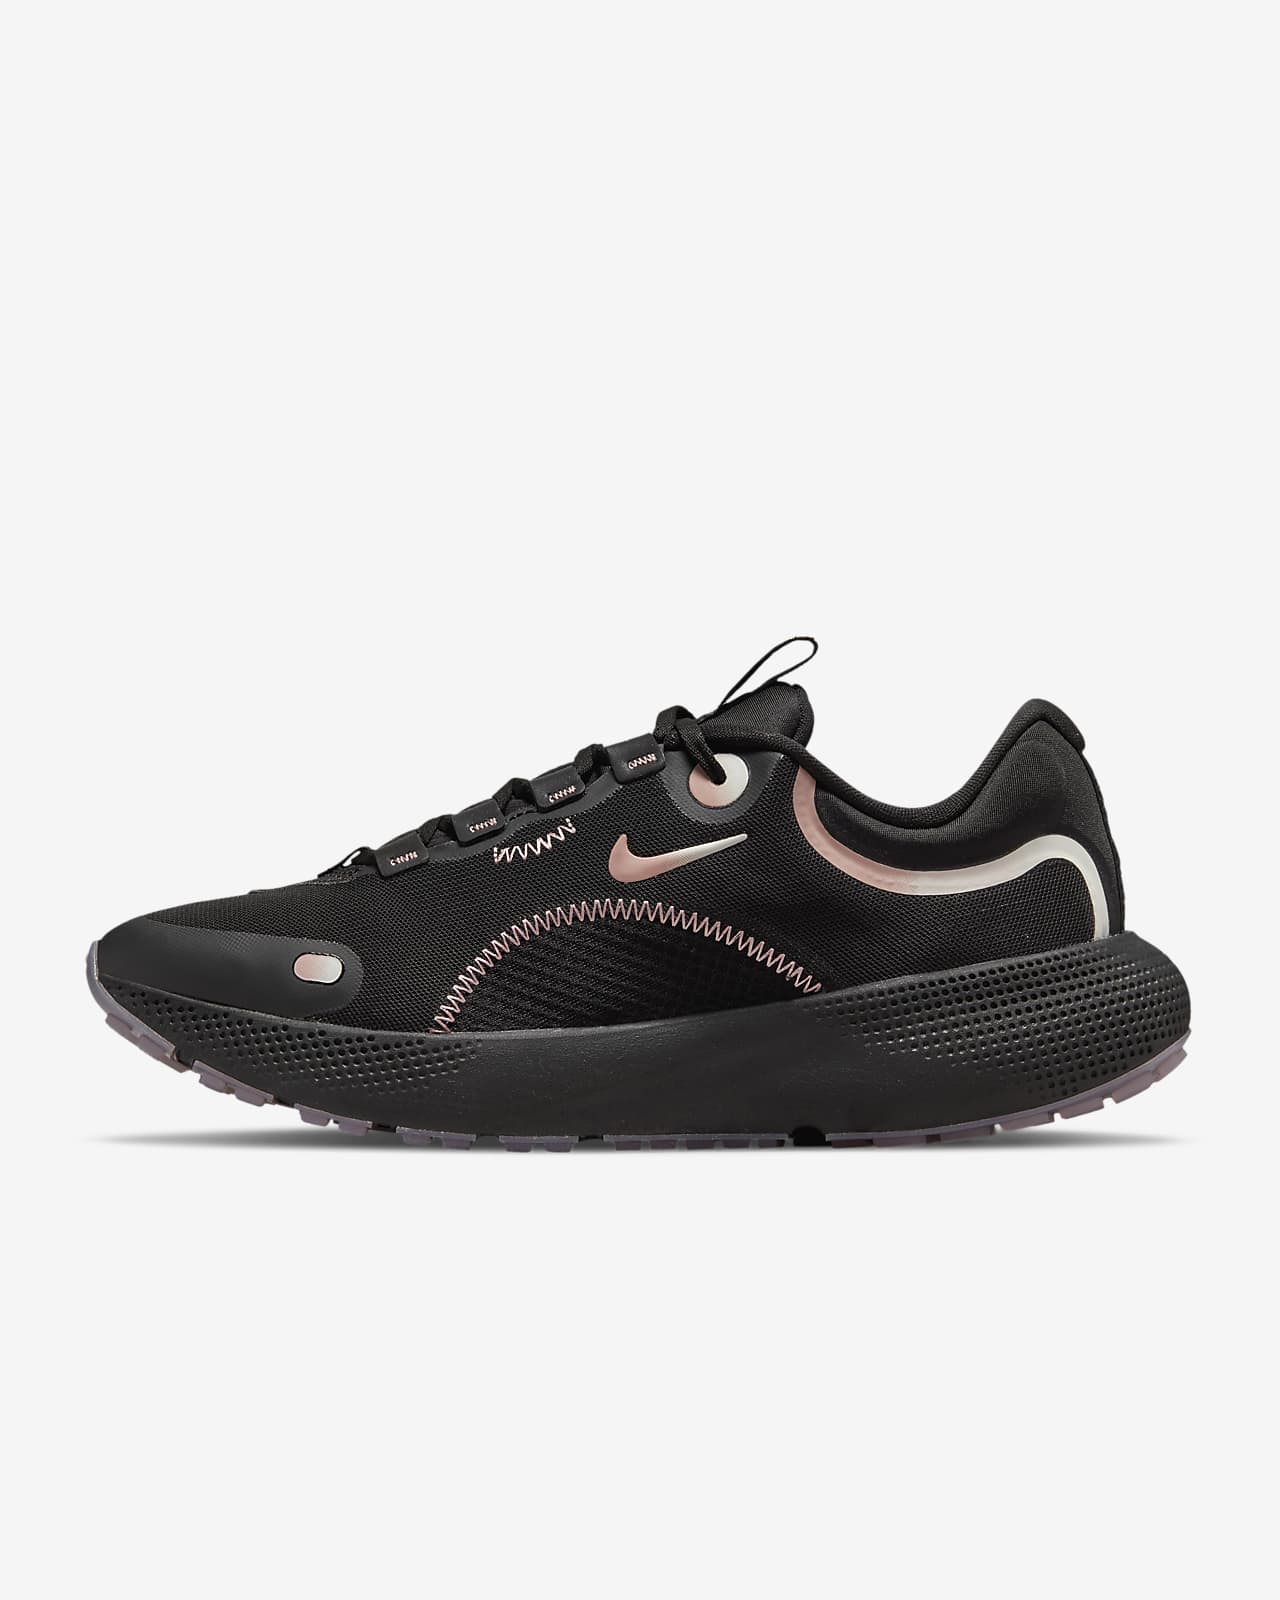 Nike React Escape Run Women's Road Running Shoe